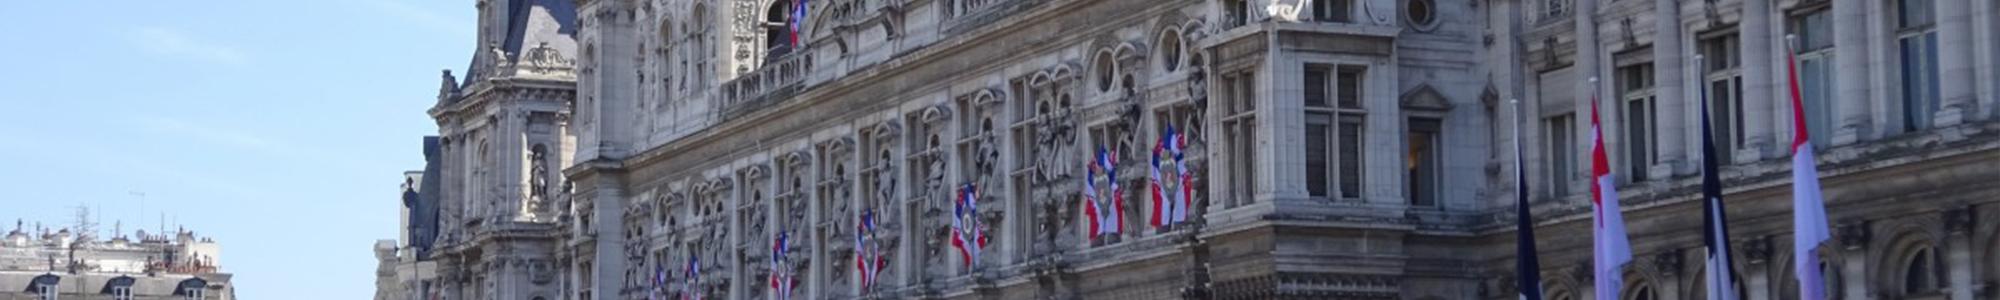 Omnia Legis – Cabinet d'avocats à Tours en Indre-et-Loire